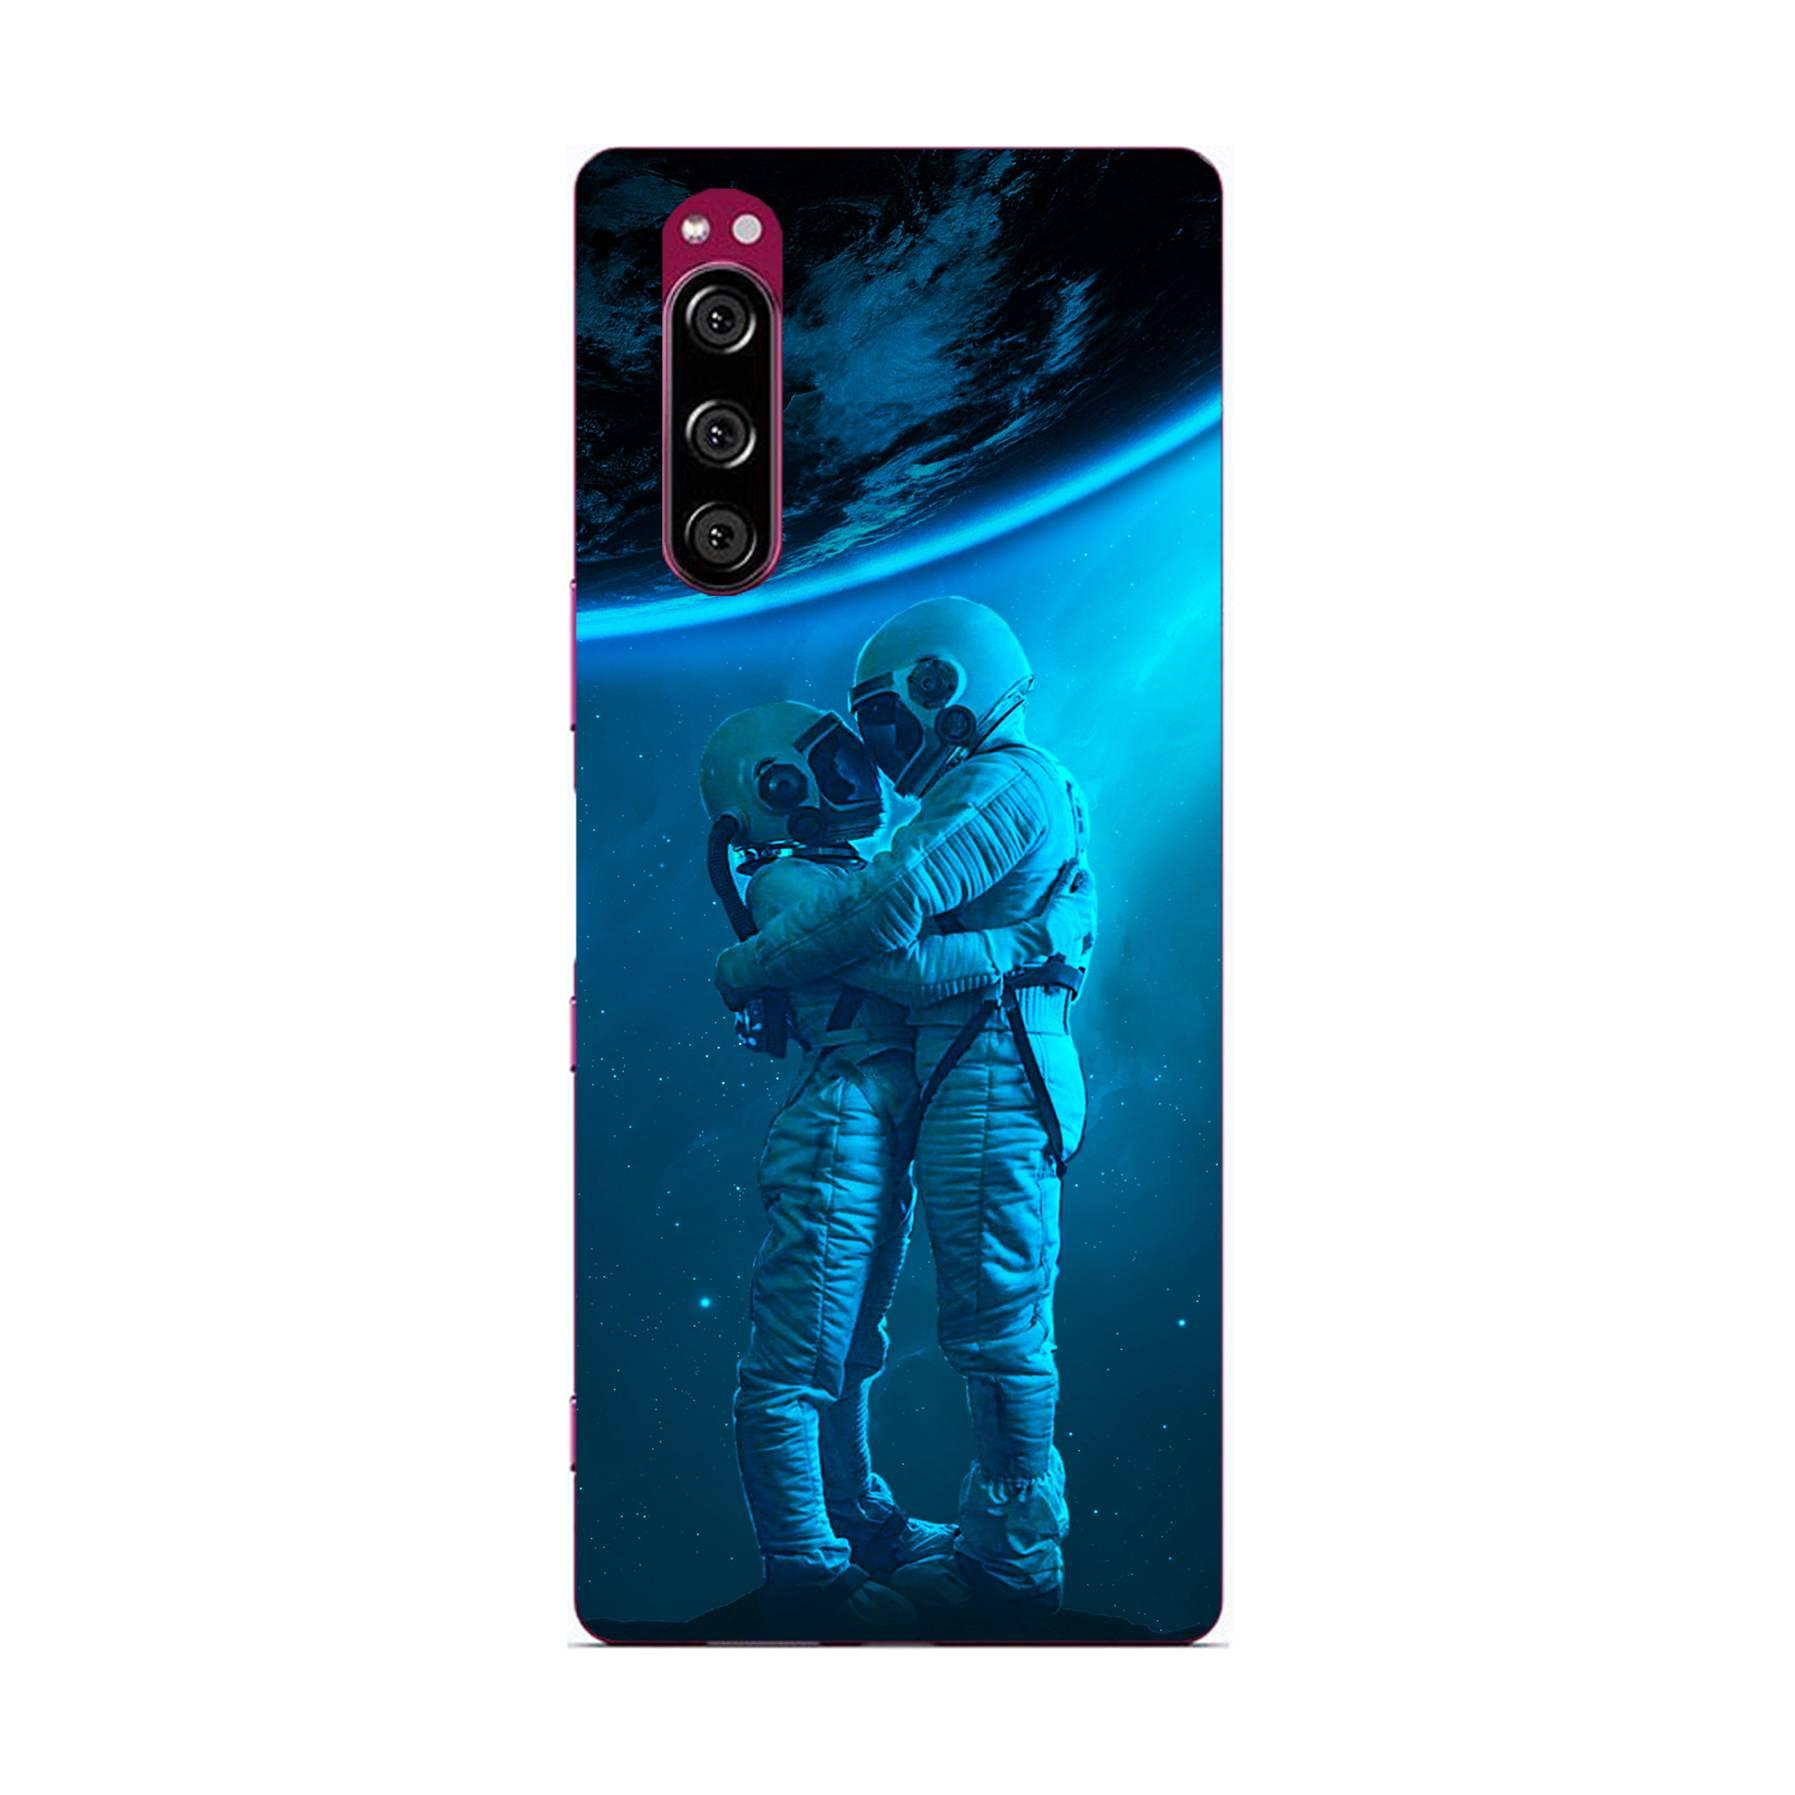 E-pic szilikon védő tok / hátlap - Szerelmes űrhajós pár mintás - SONY Xperia 5